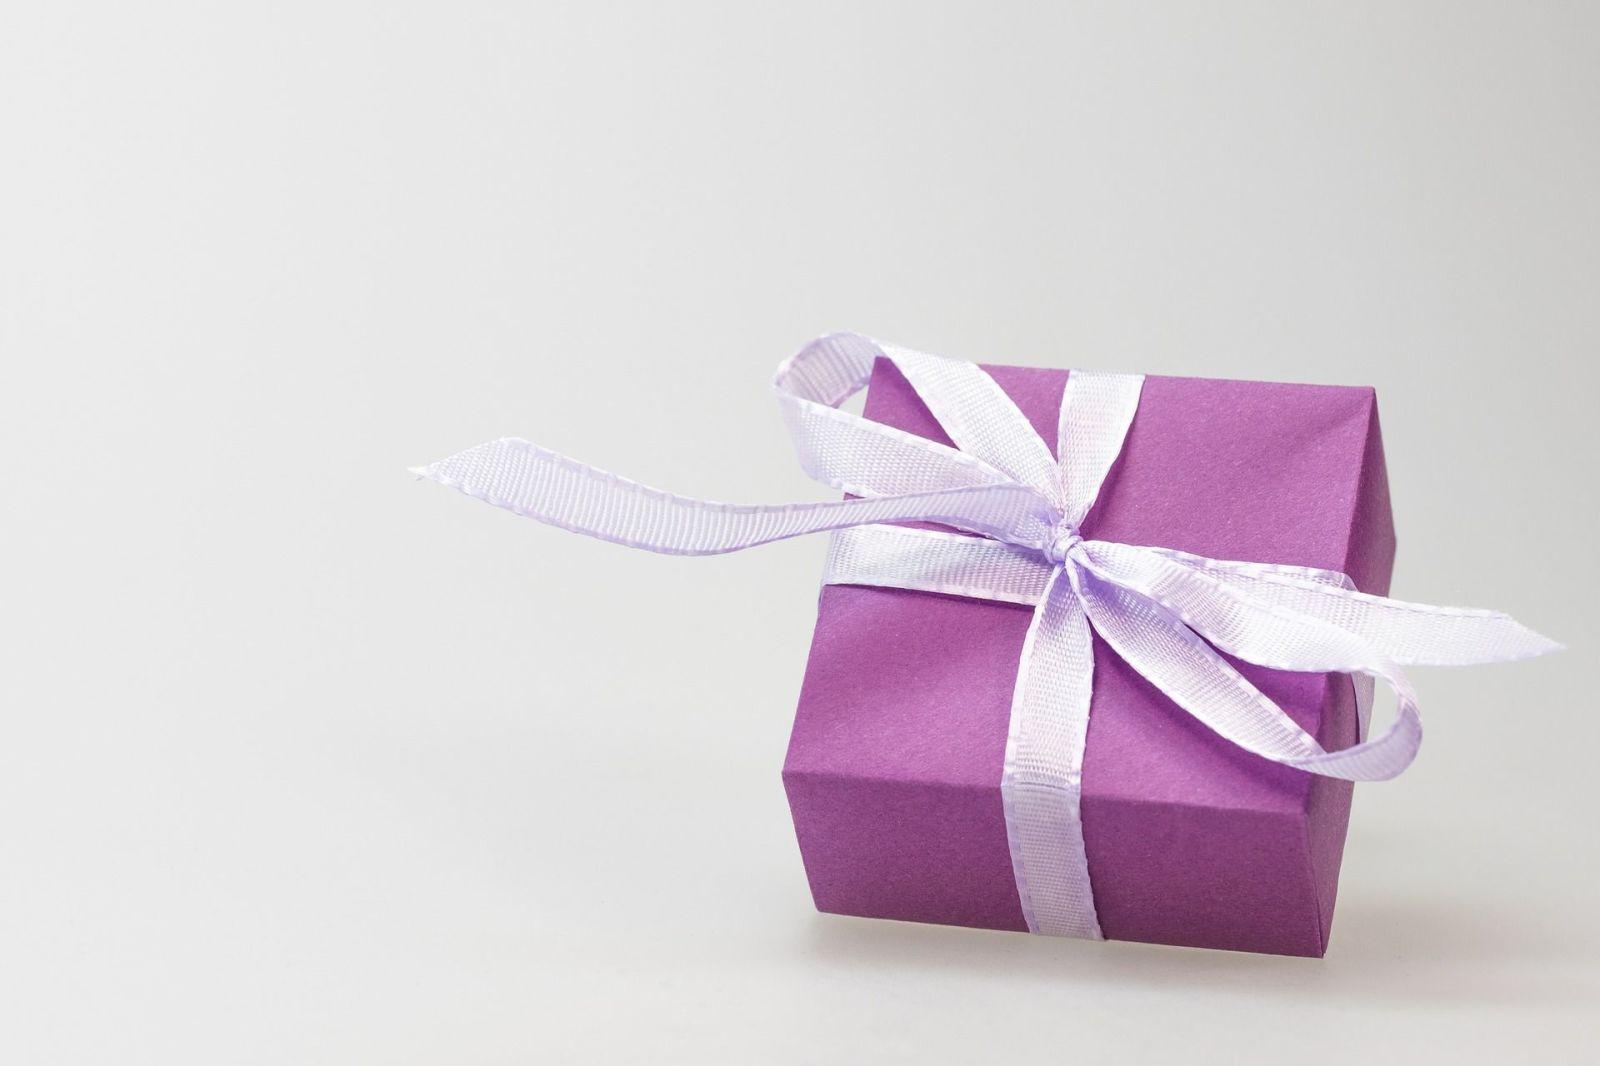 Geschenke An Arbeitnehmer  Geschenke geburtstag arbeitnehmer – Populäre Grüße